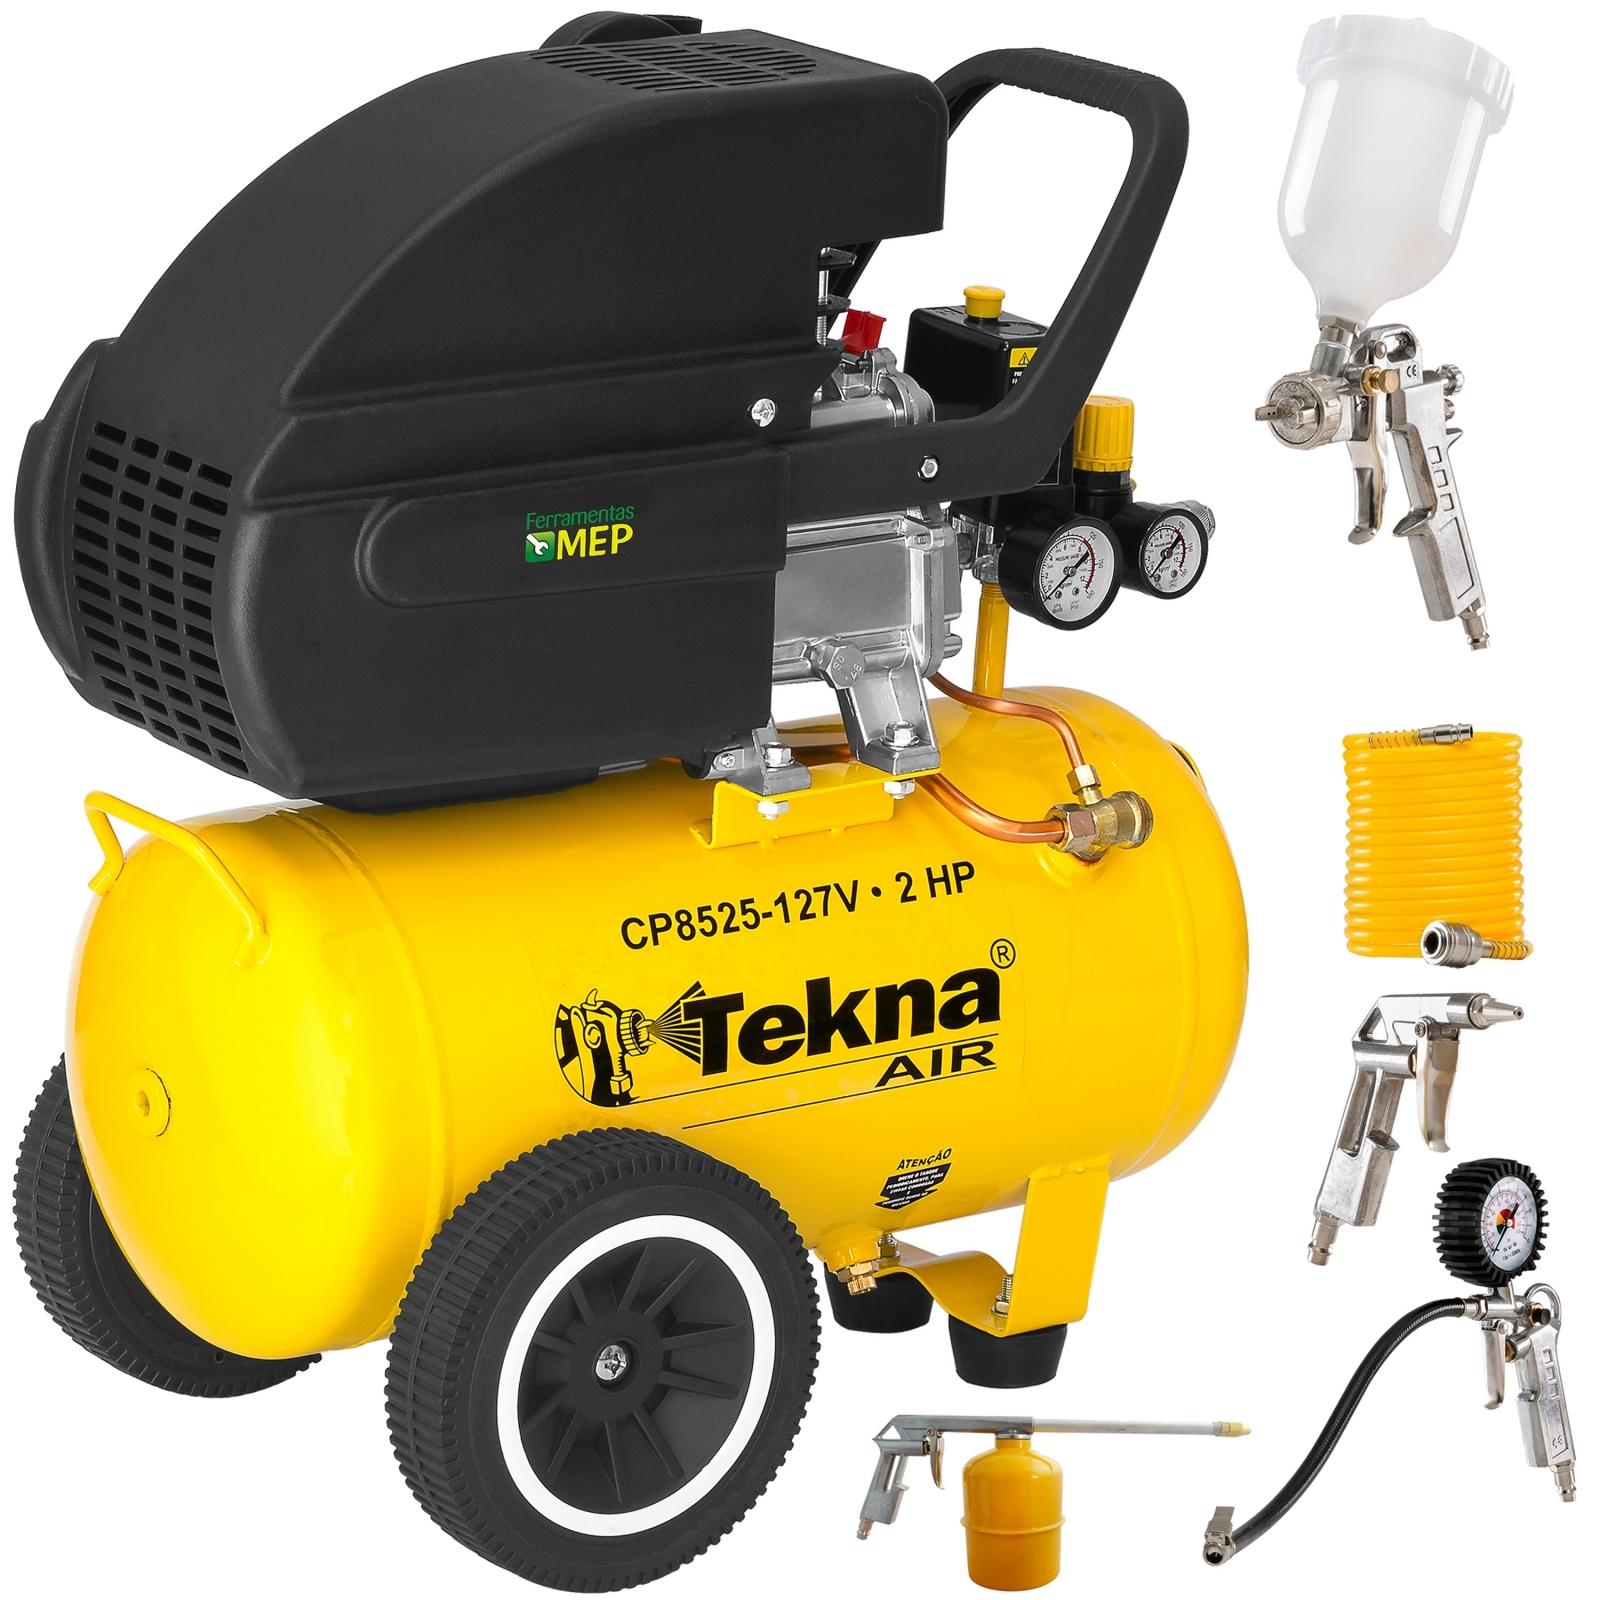 Compressor De Ar 24 Litros 2hp Tekna CP8525 + Kit Pintura Ck2 - Ferramentas MEP